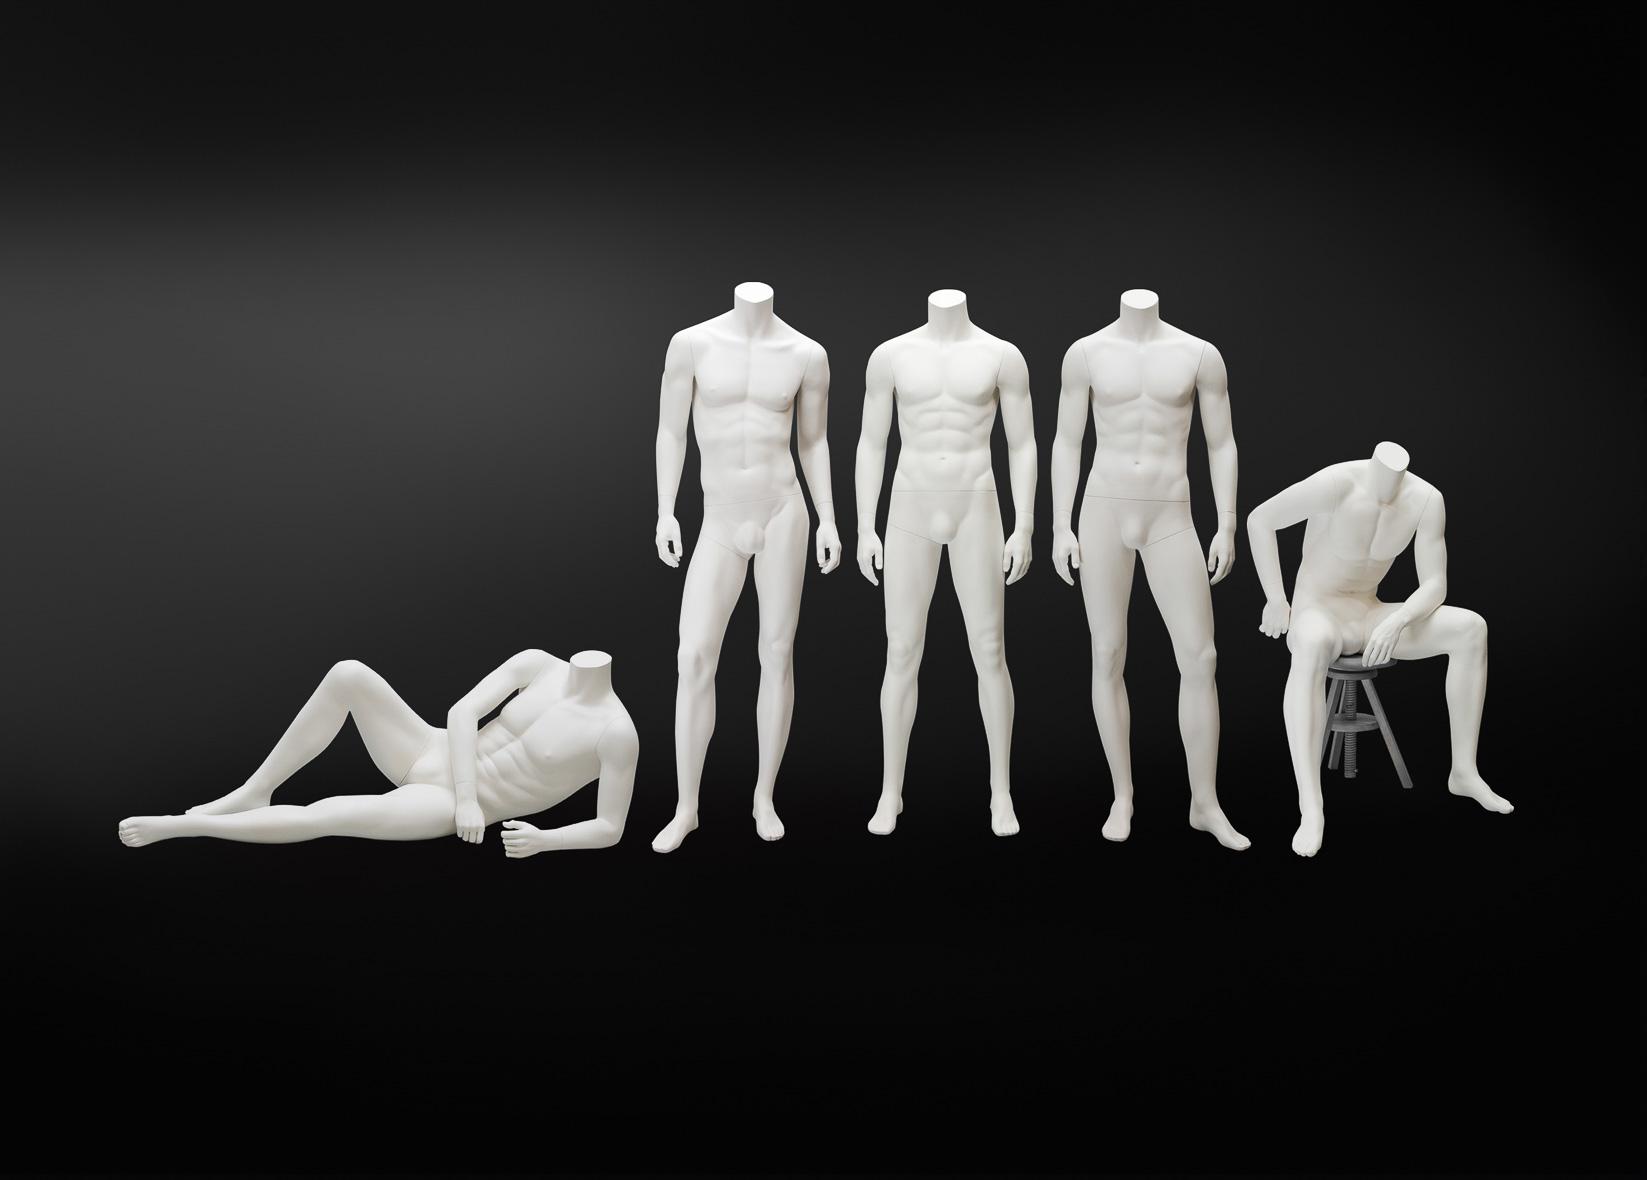 07_Hans_Boodt_G-star_mannequins